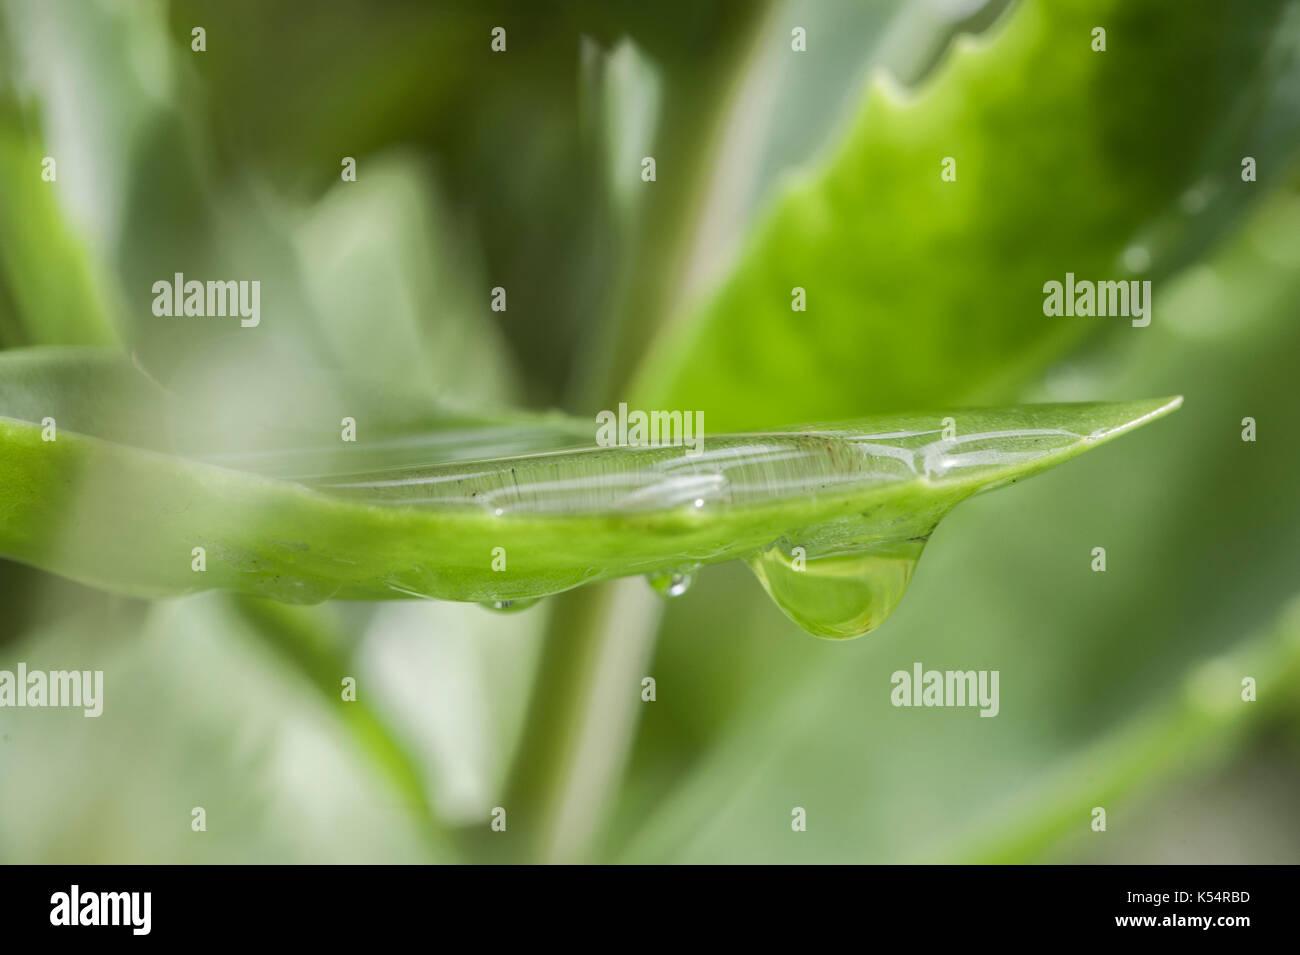 Oberflächenspannung, Vergrößerung, und Brechung. Wassertropfen auf den Blättern. Stockbild